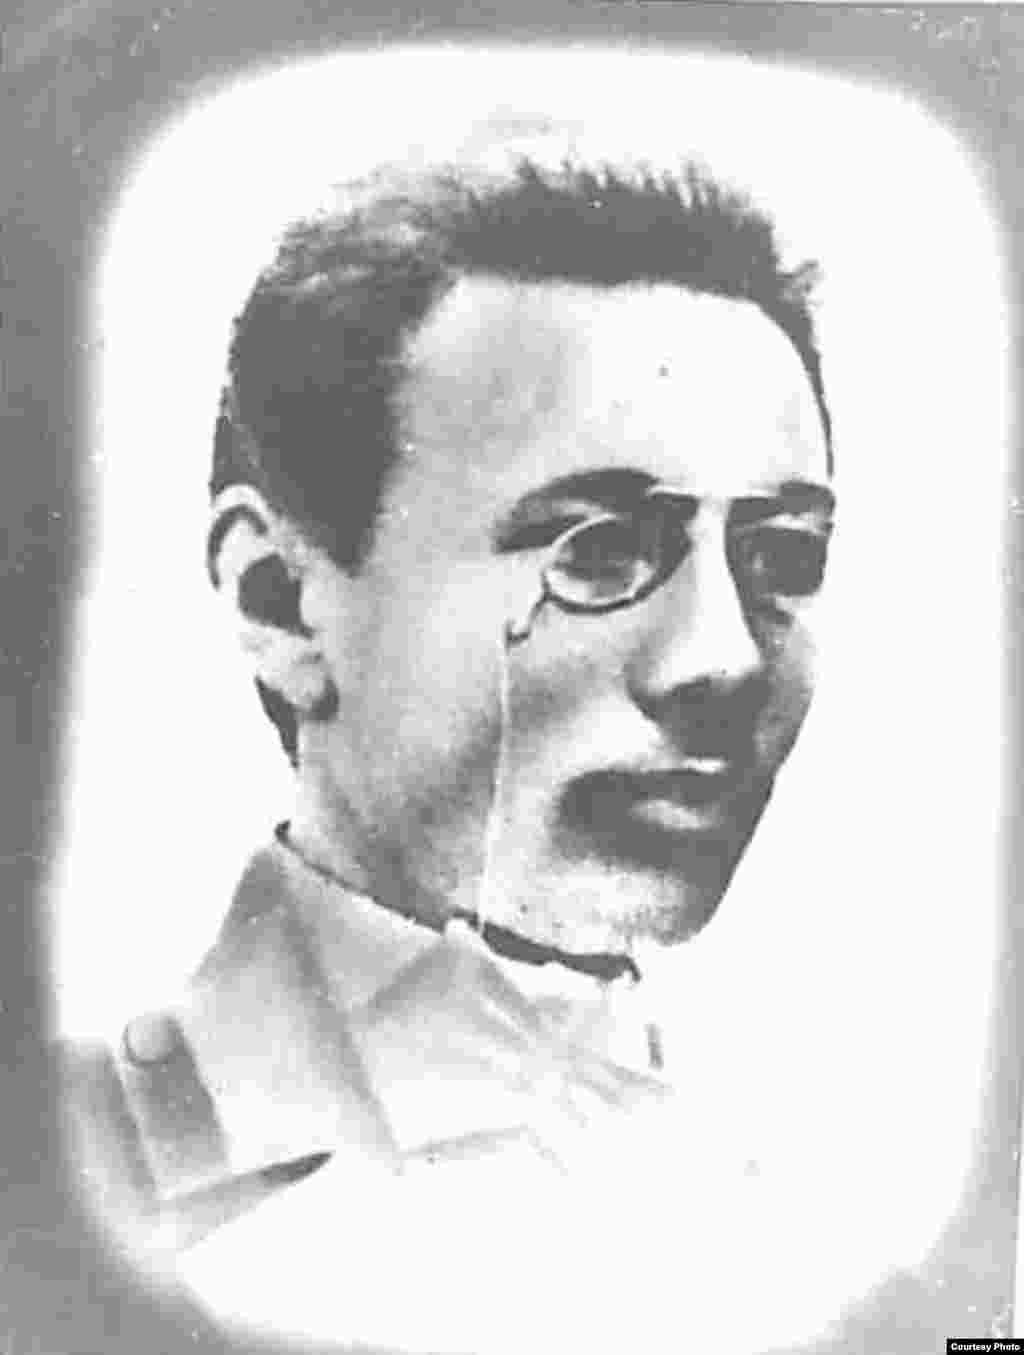 """Жақып Ақбайұлы, заңгер, құқық магистрі, 1903 жылы Санкт-Петербург университетінің заң факультетін үздік бітірген. """"Қазақ"""" газеті авторларының бірі, Алаш қайраткері."""